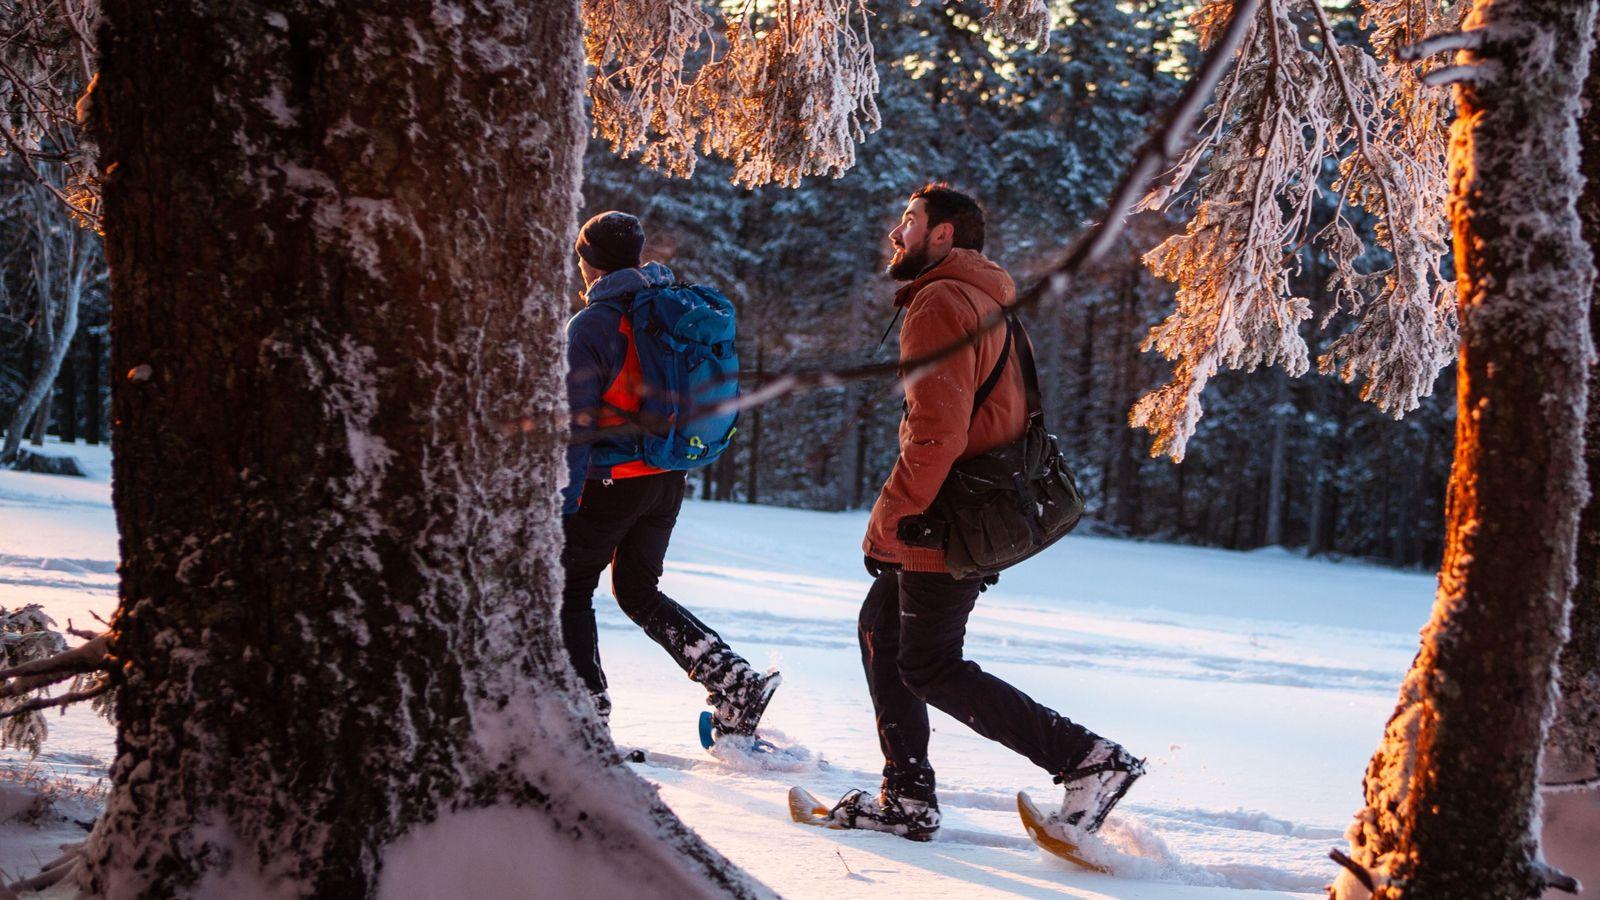 Nejc Heberle, guide de raquettes à neige, ouvre la marche dans une des forêts slovènes.